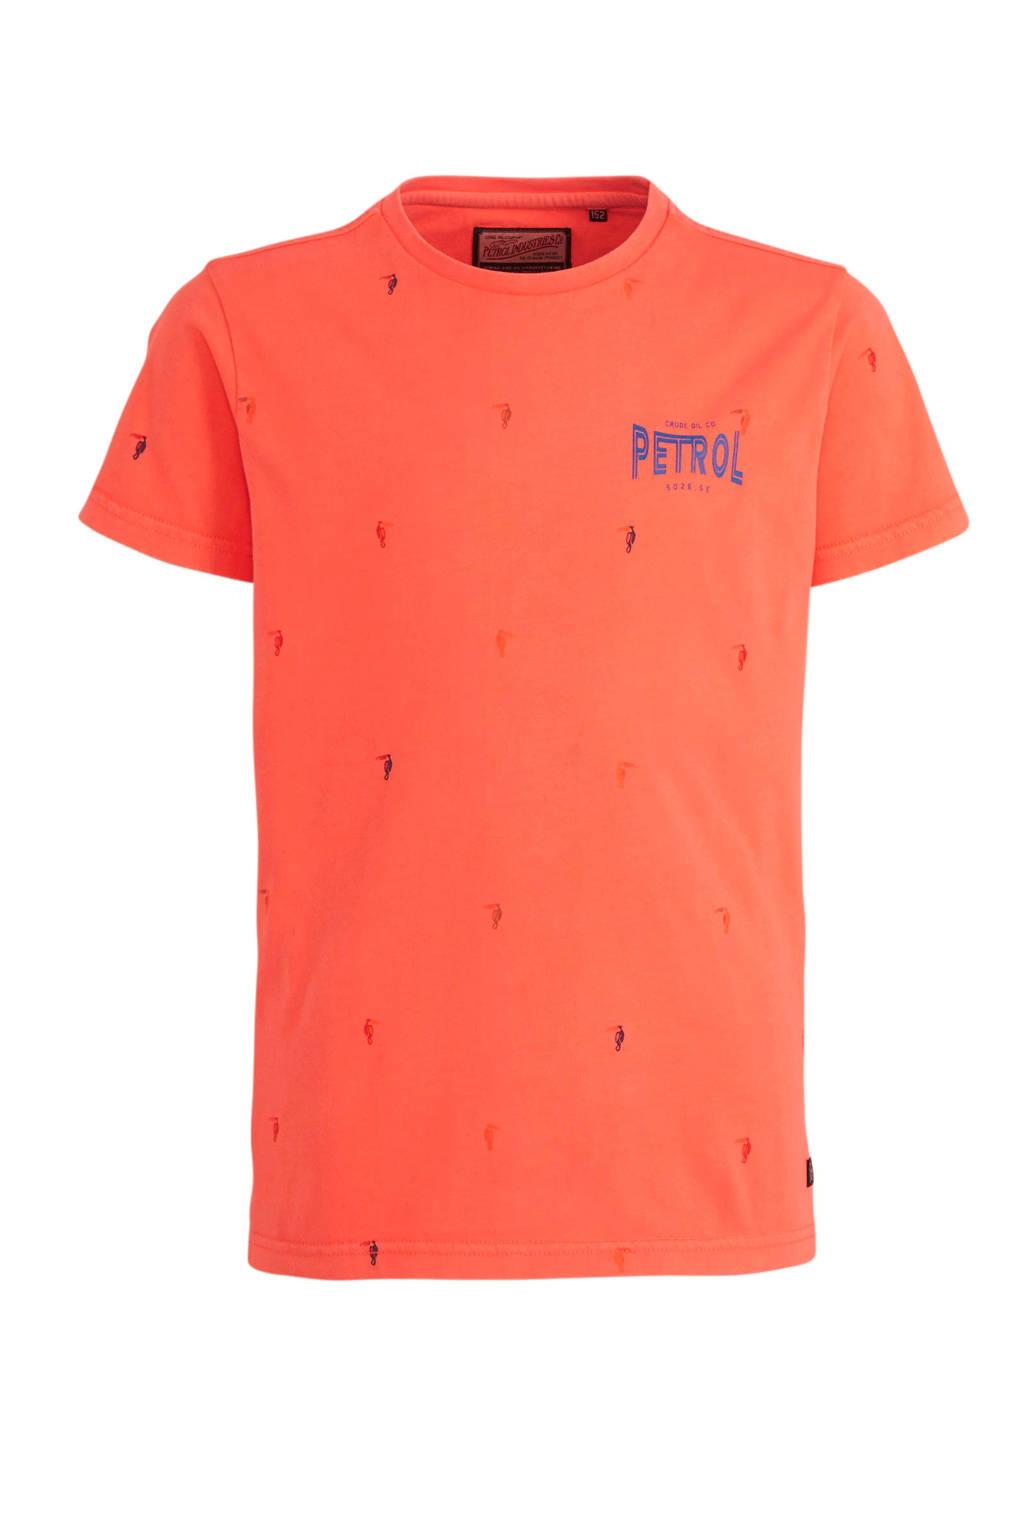 Petrol Industries T-shirt met all over print oranje, Oranje